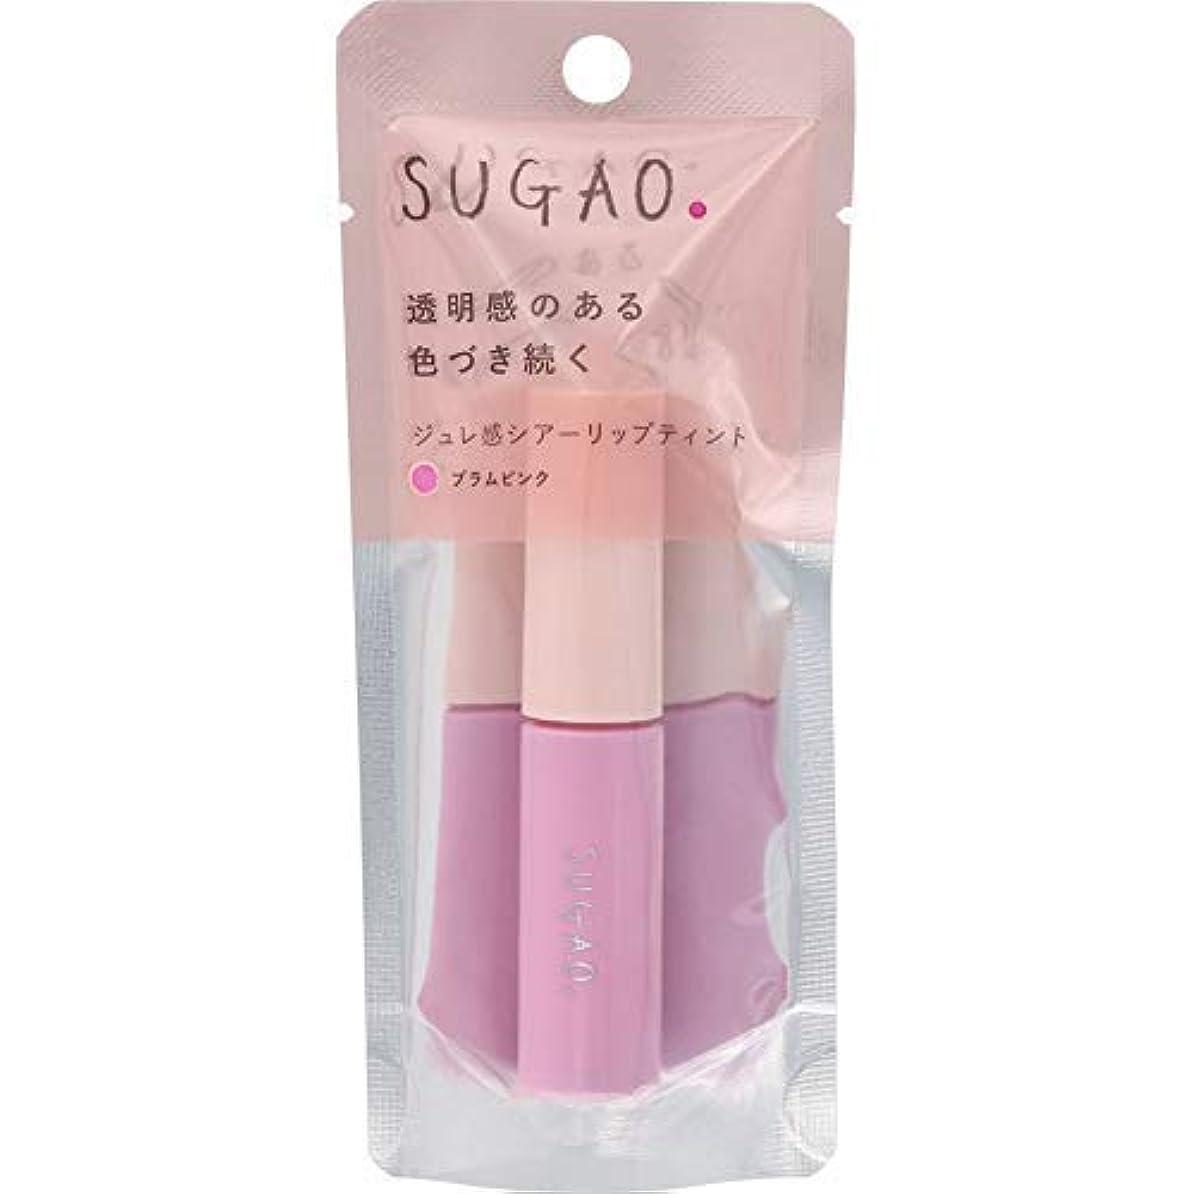 話をする差別勃起SUGAO ジュレ感シアーリップティント プラムピンク × 12個セット